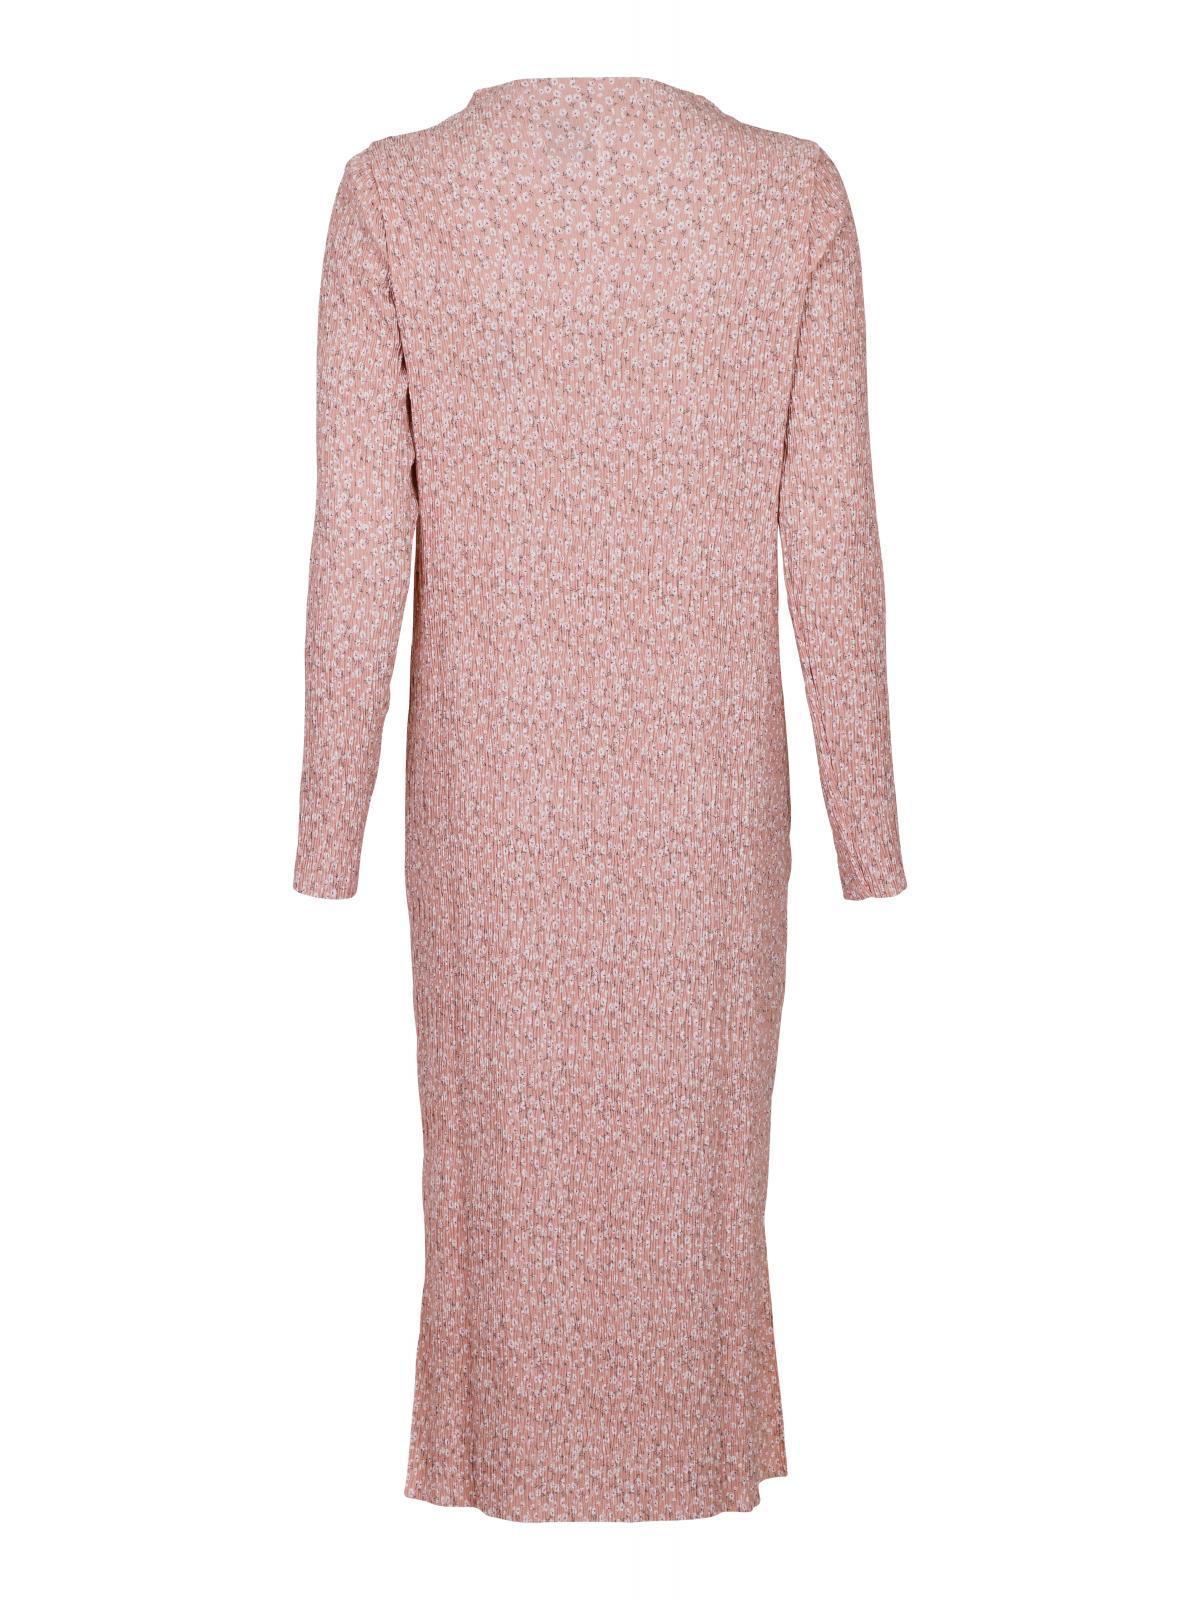 Neo Noir Vogue kjole, rose, 34